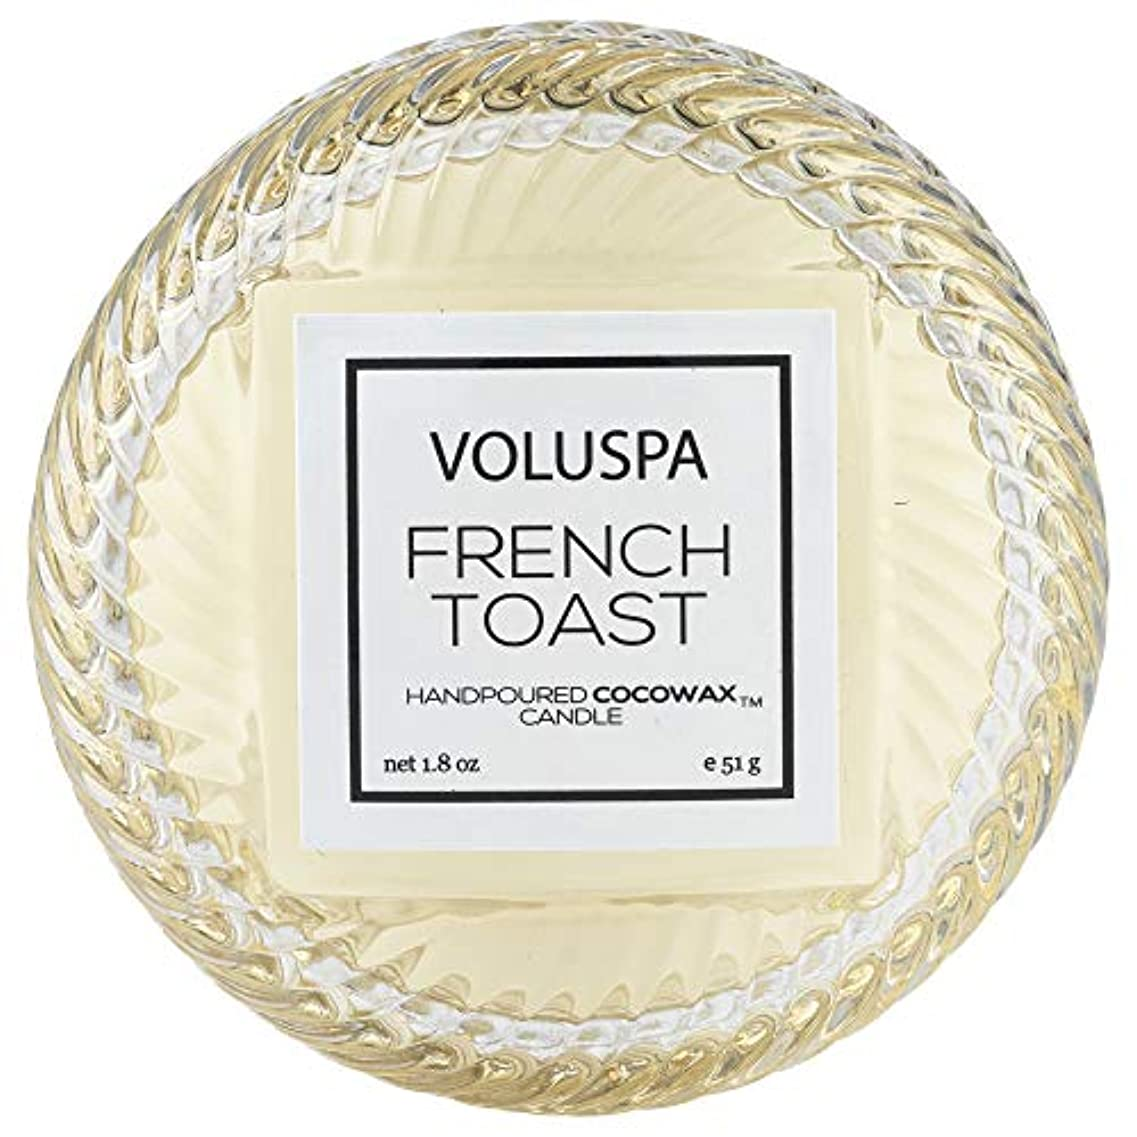 アロング引き潮支配するVOLUSPA マカロン マカロンキャンドル フレンチトースト 51g ボルスパ